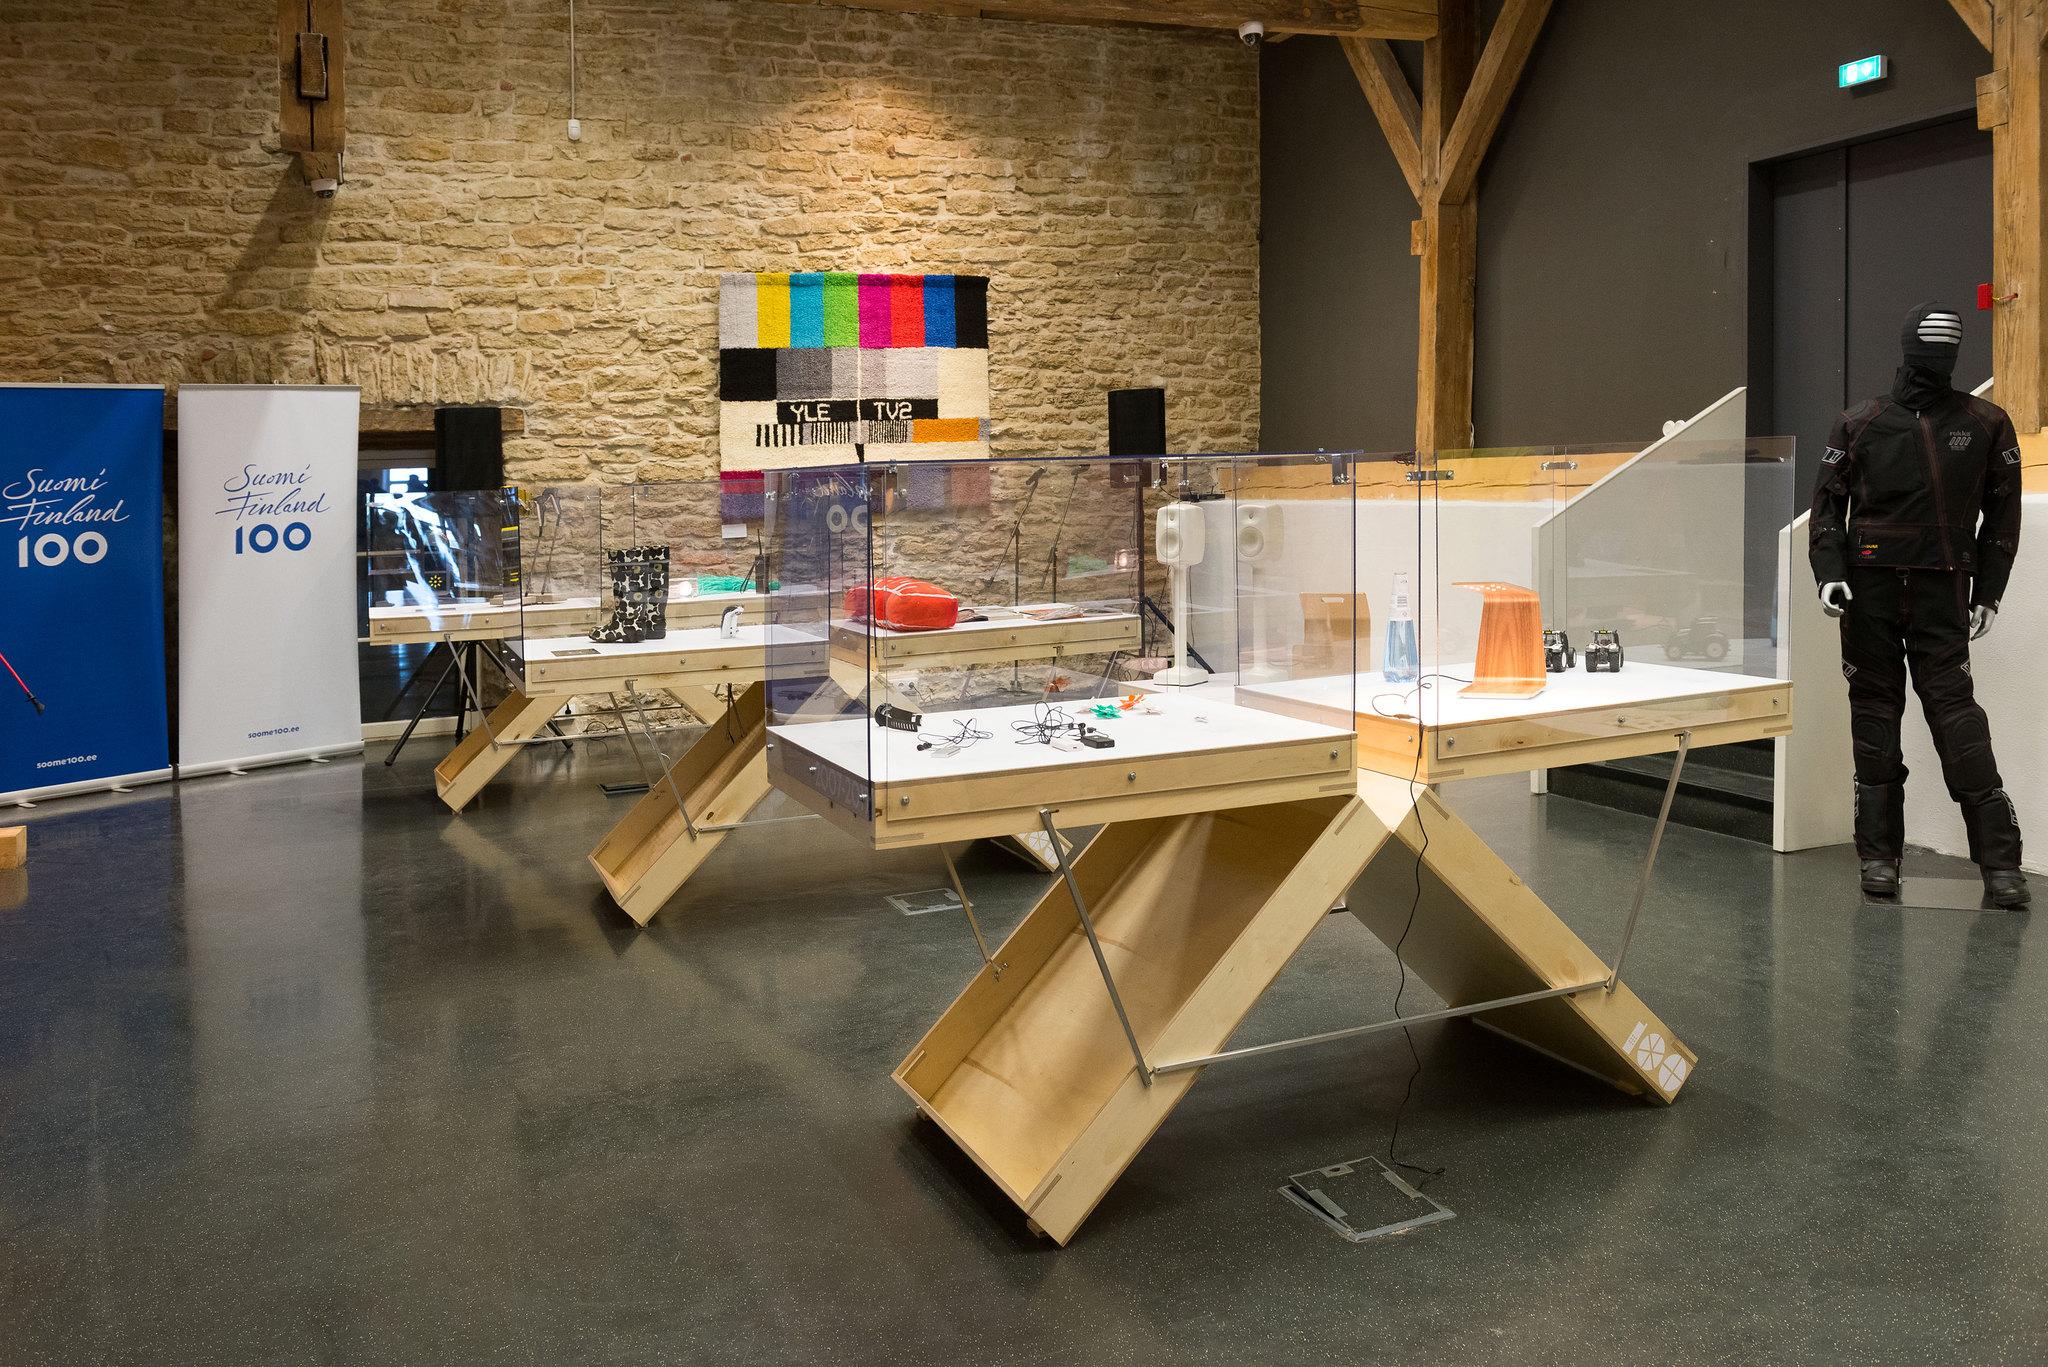 Rouva Jenni Haukio avaa 100 esinettä Suomesta -näyttelyn